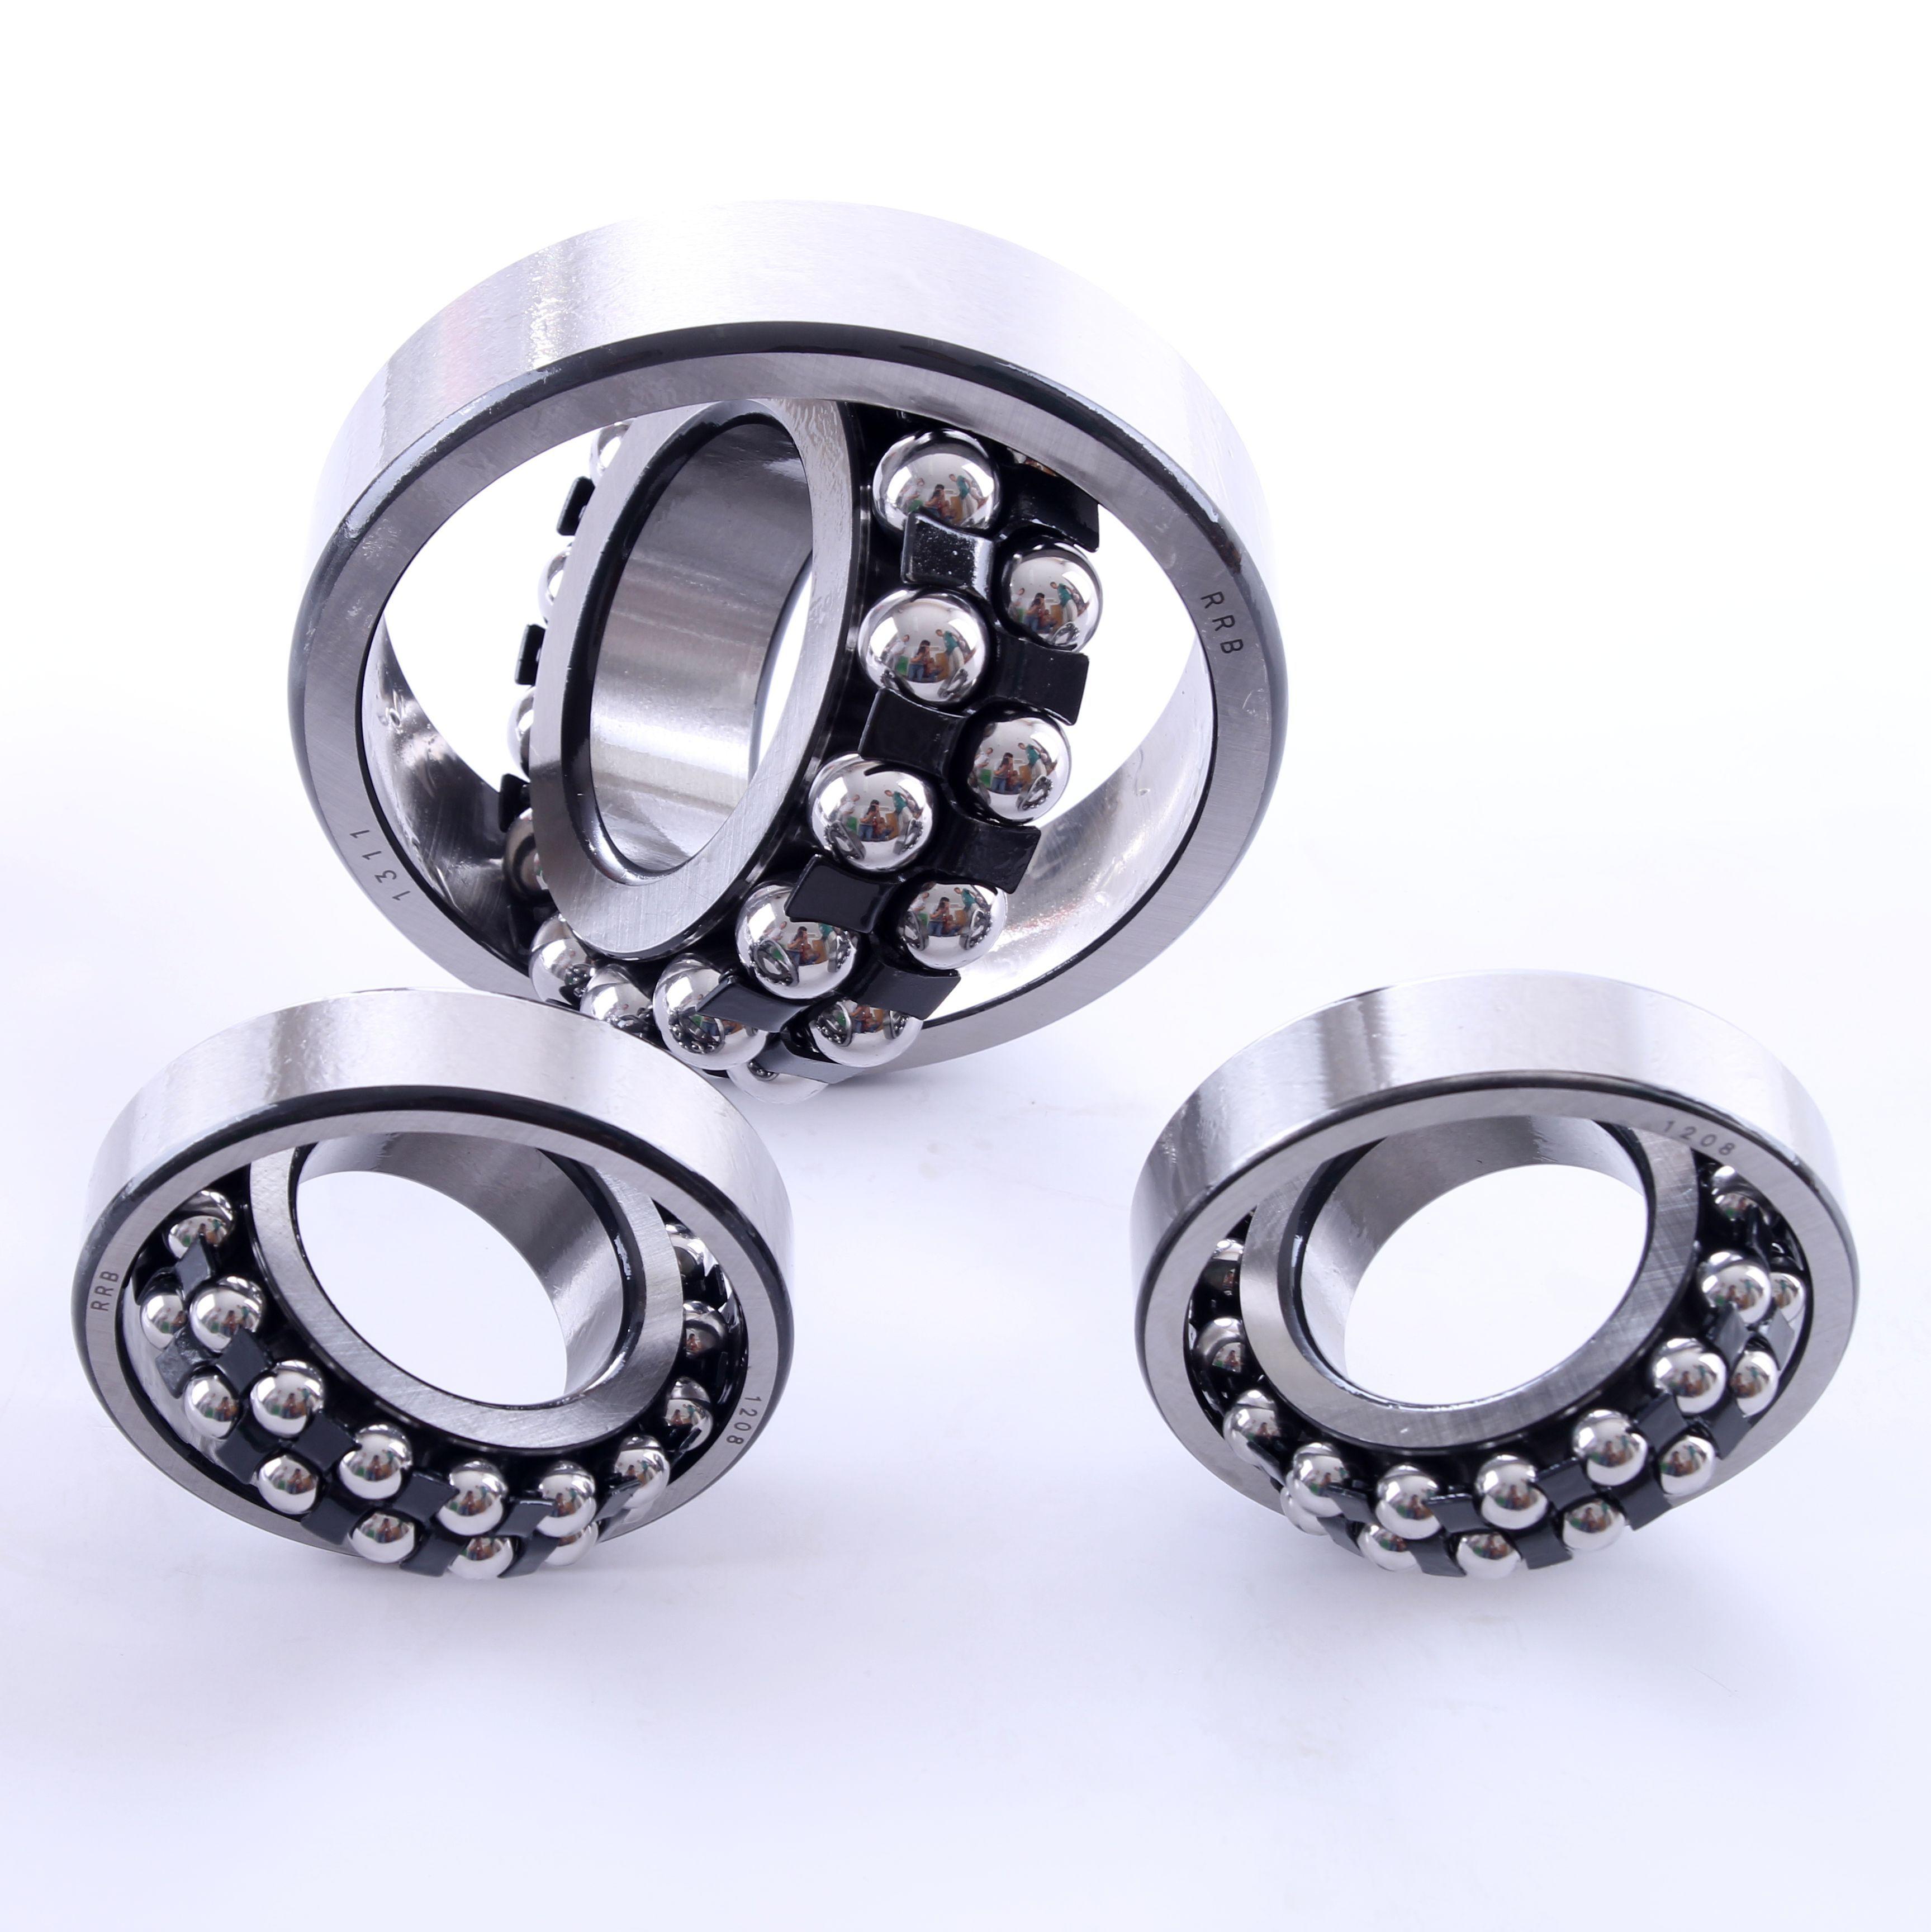 Thrust Bearing Thrust bearing, Engagement rings, Rings